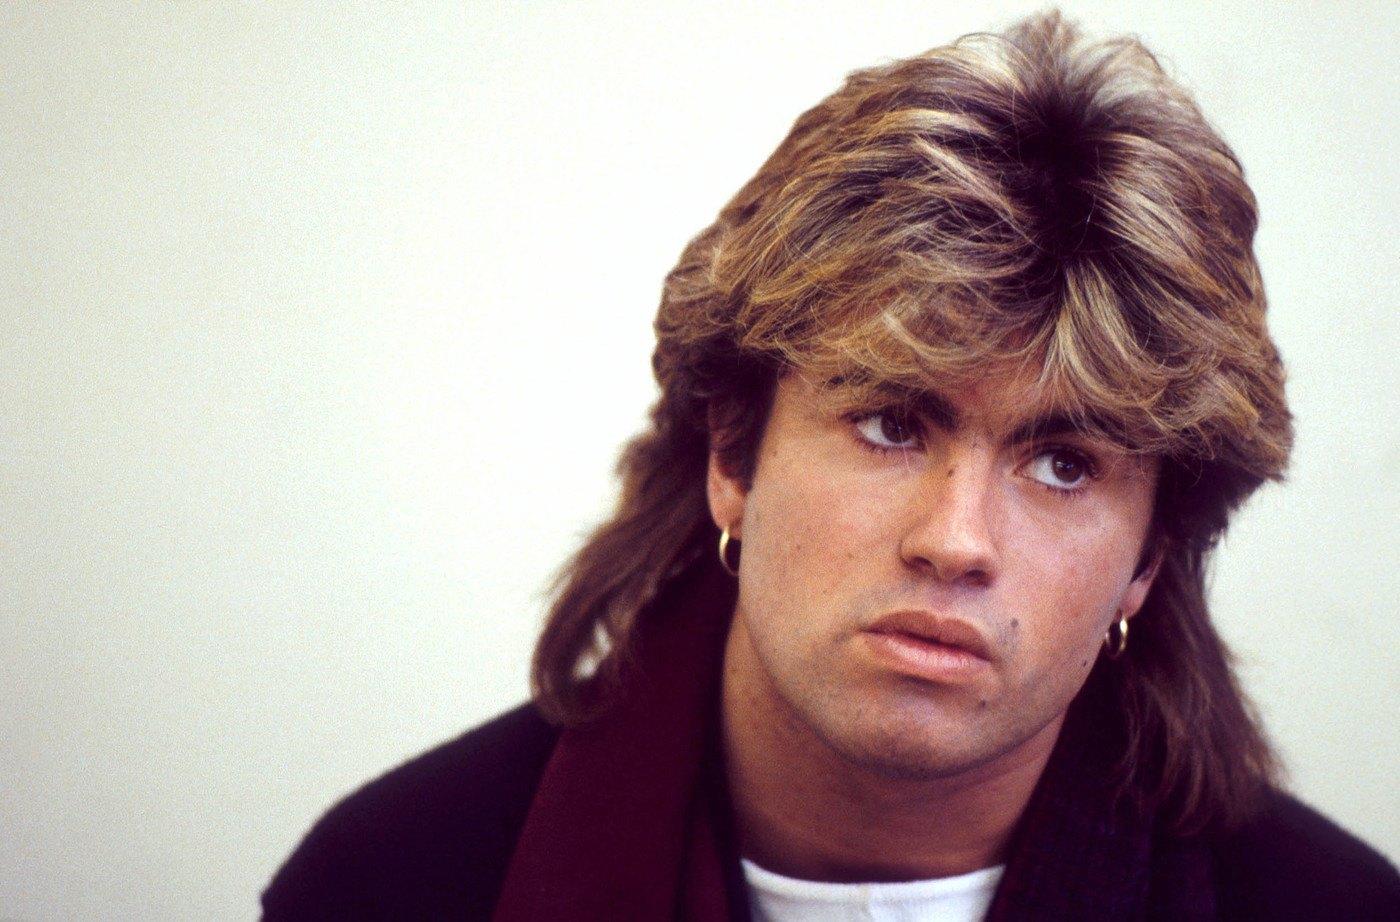 George Michael v čase, keď začínal svoju kariéru v skupine Wham! (Foto: archív)